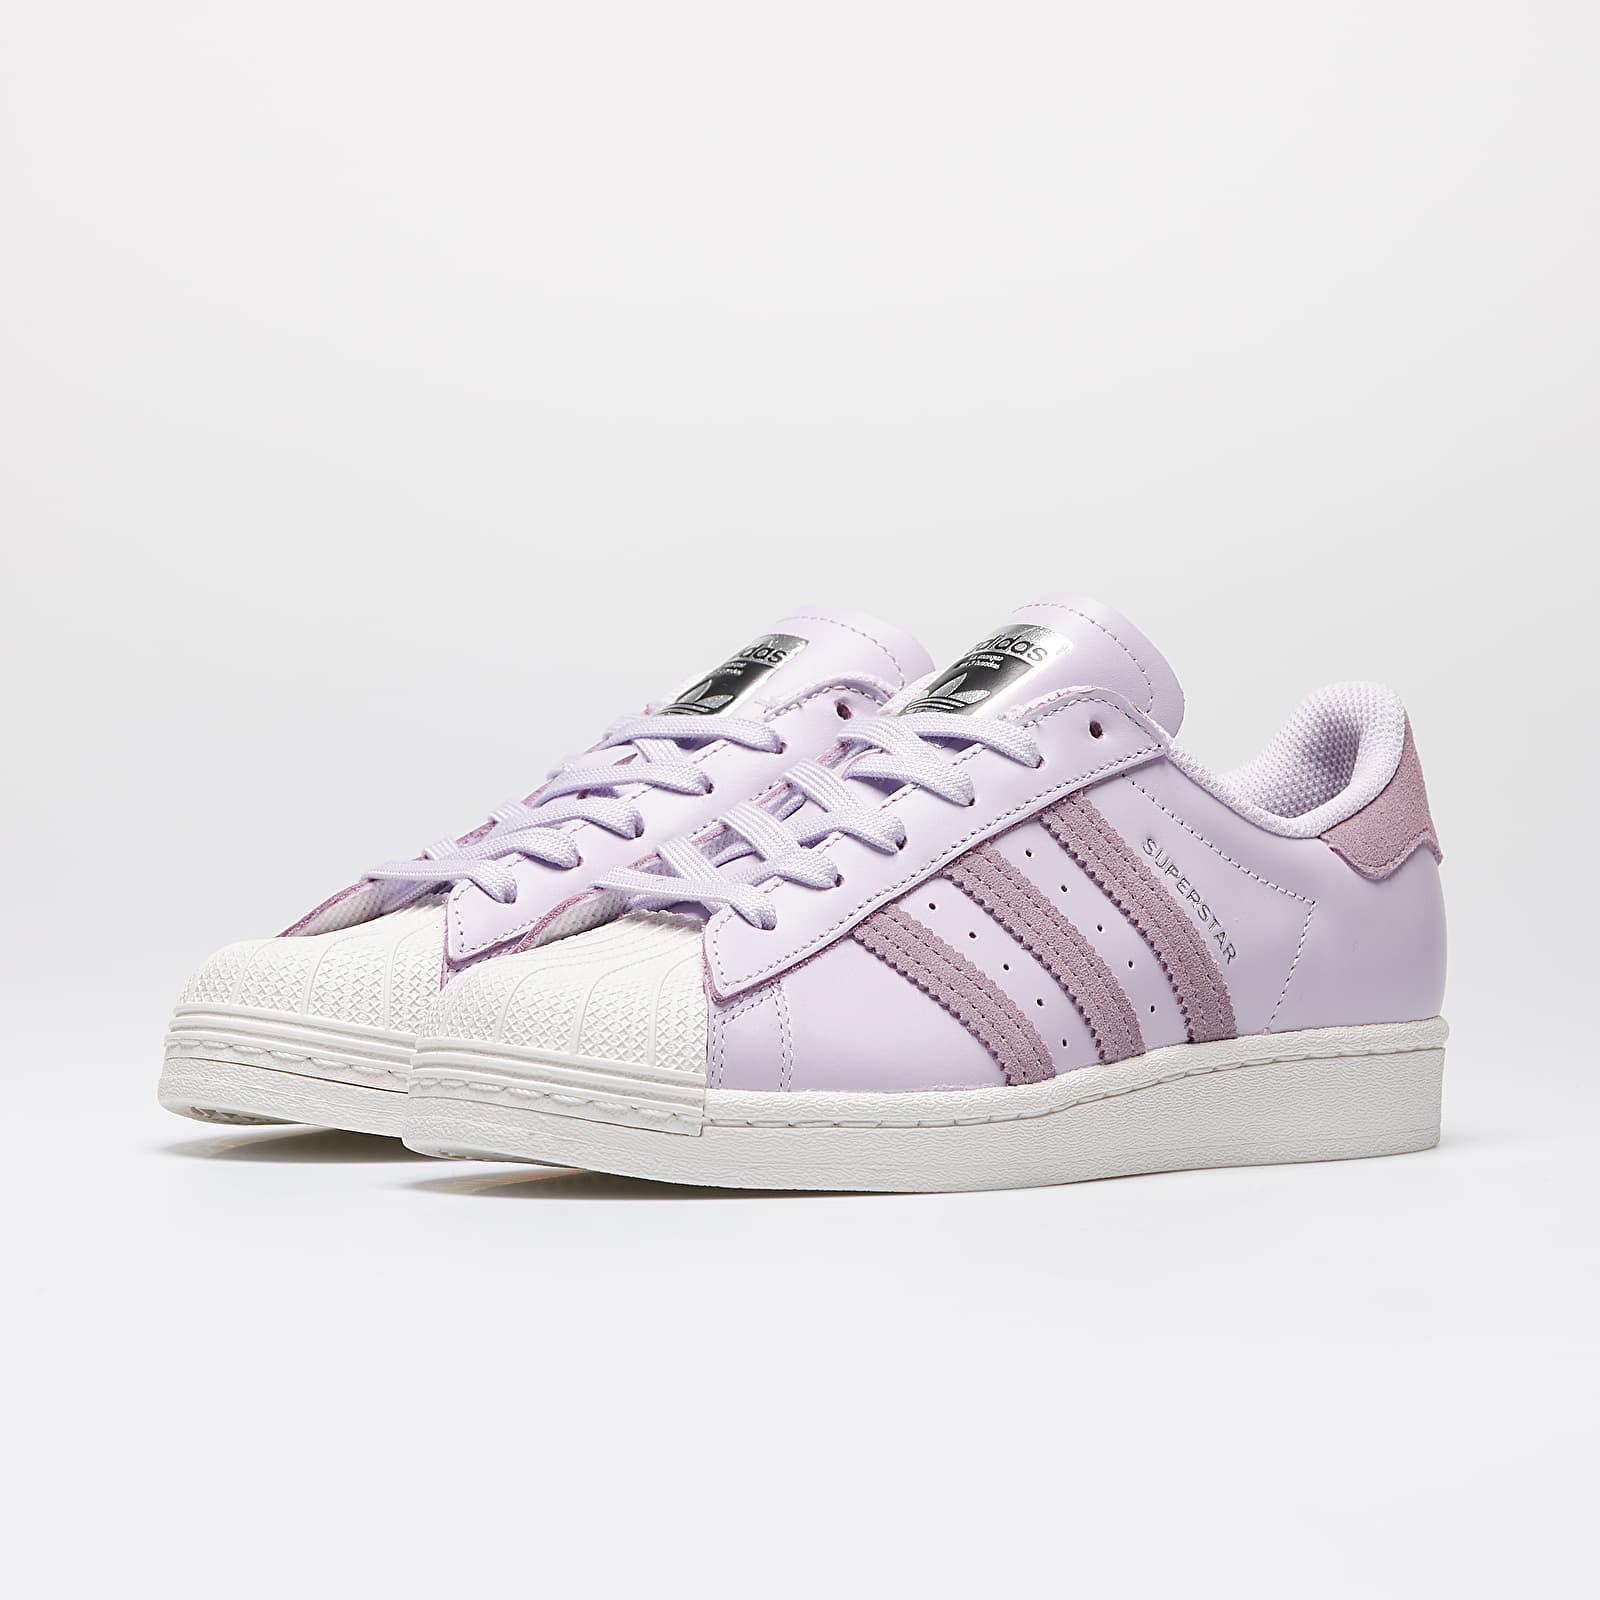 adidas Superstar W Purple Tint/ Legend Purple/ Off White | Footshop